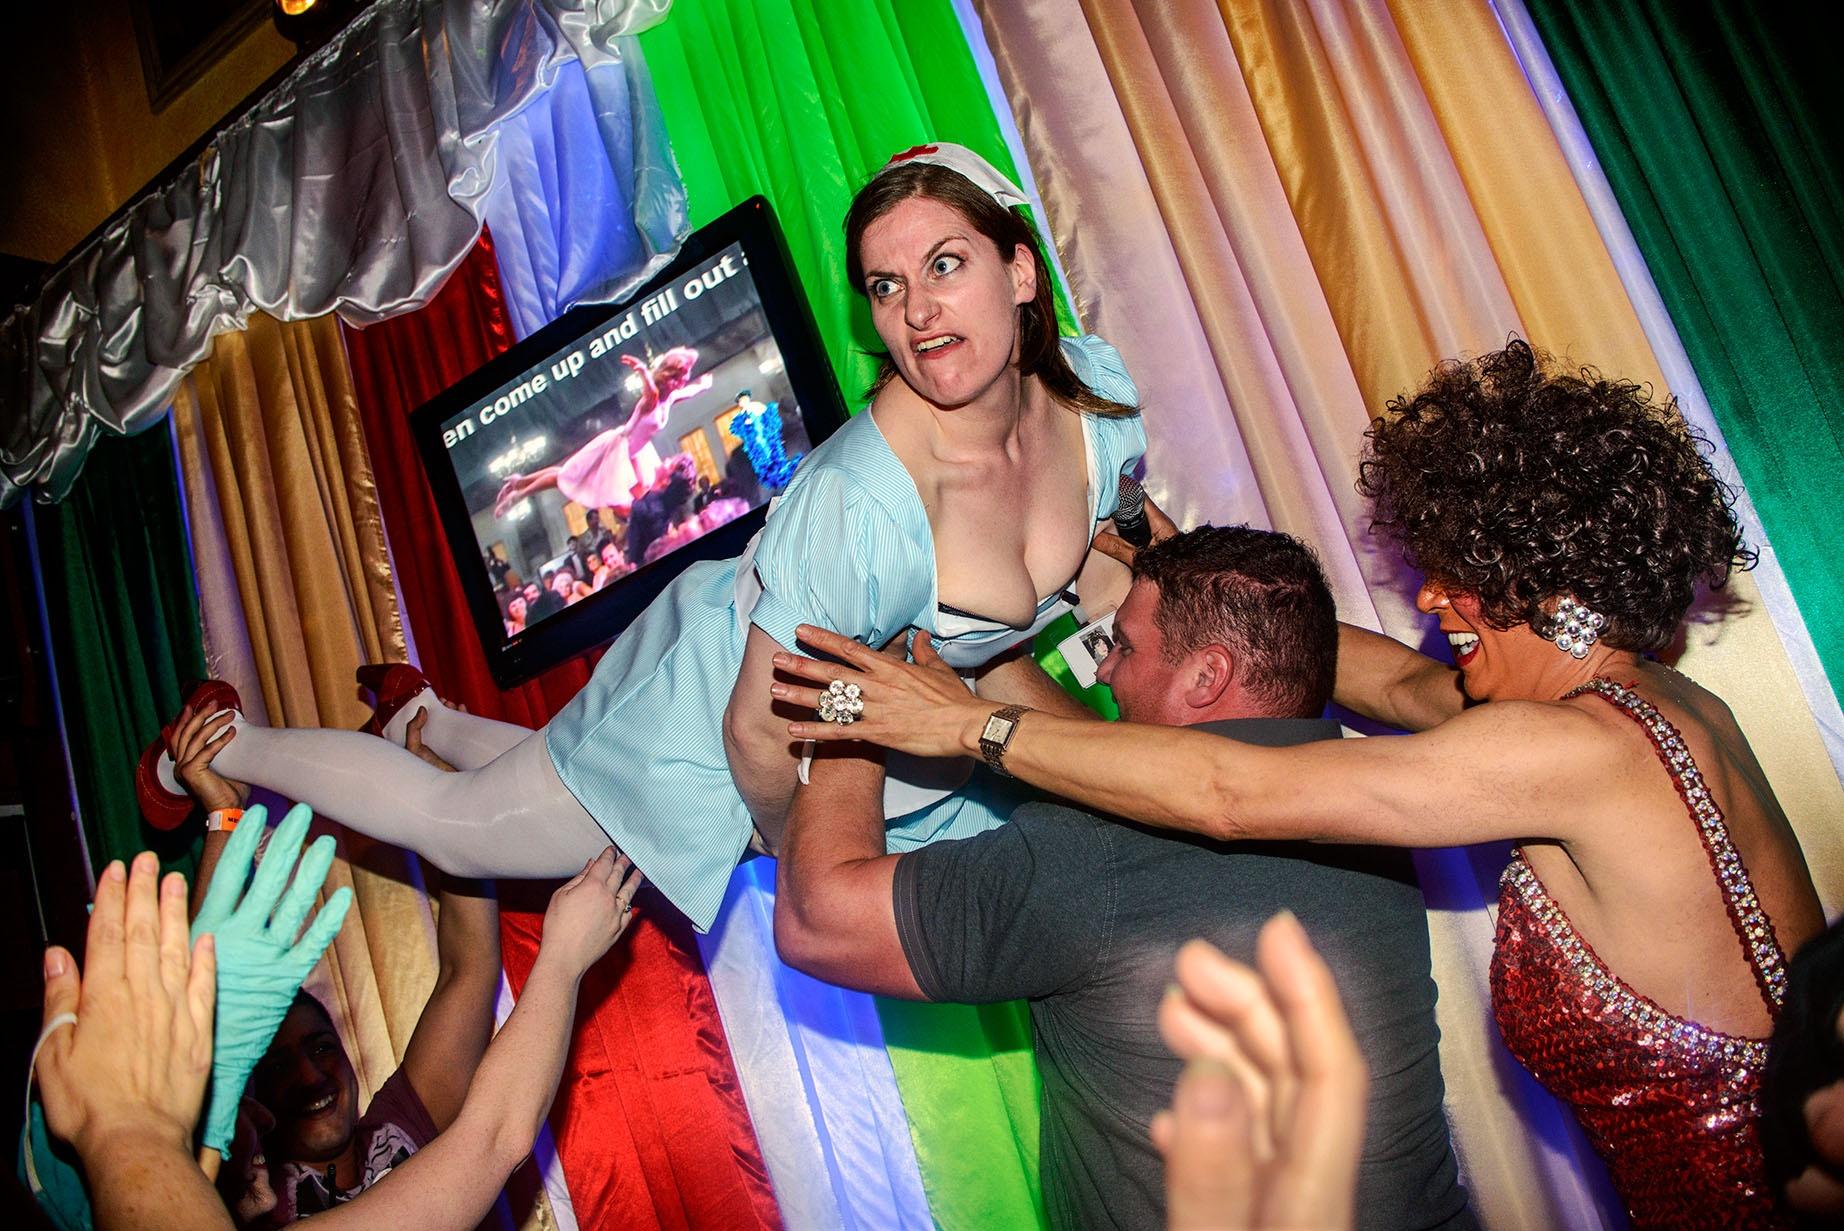 Фото девичник с парнями, Раскованные невесты трахаются после девичника порно 4 фотография